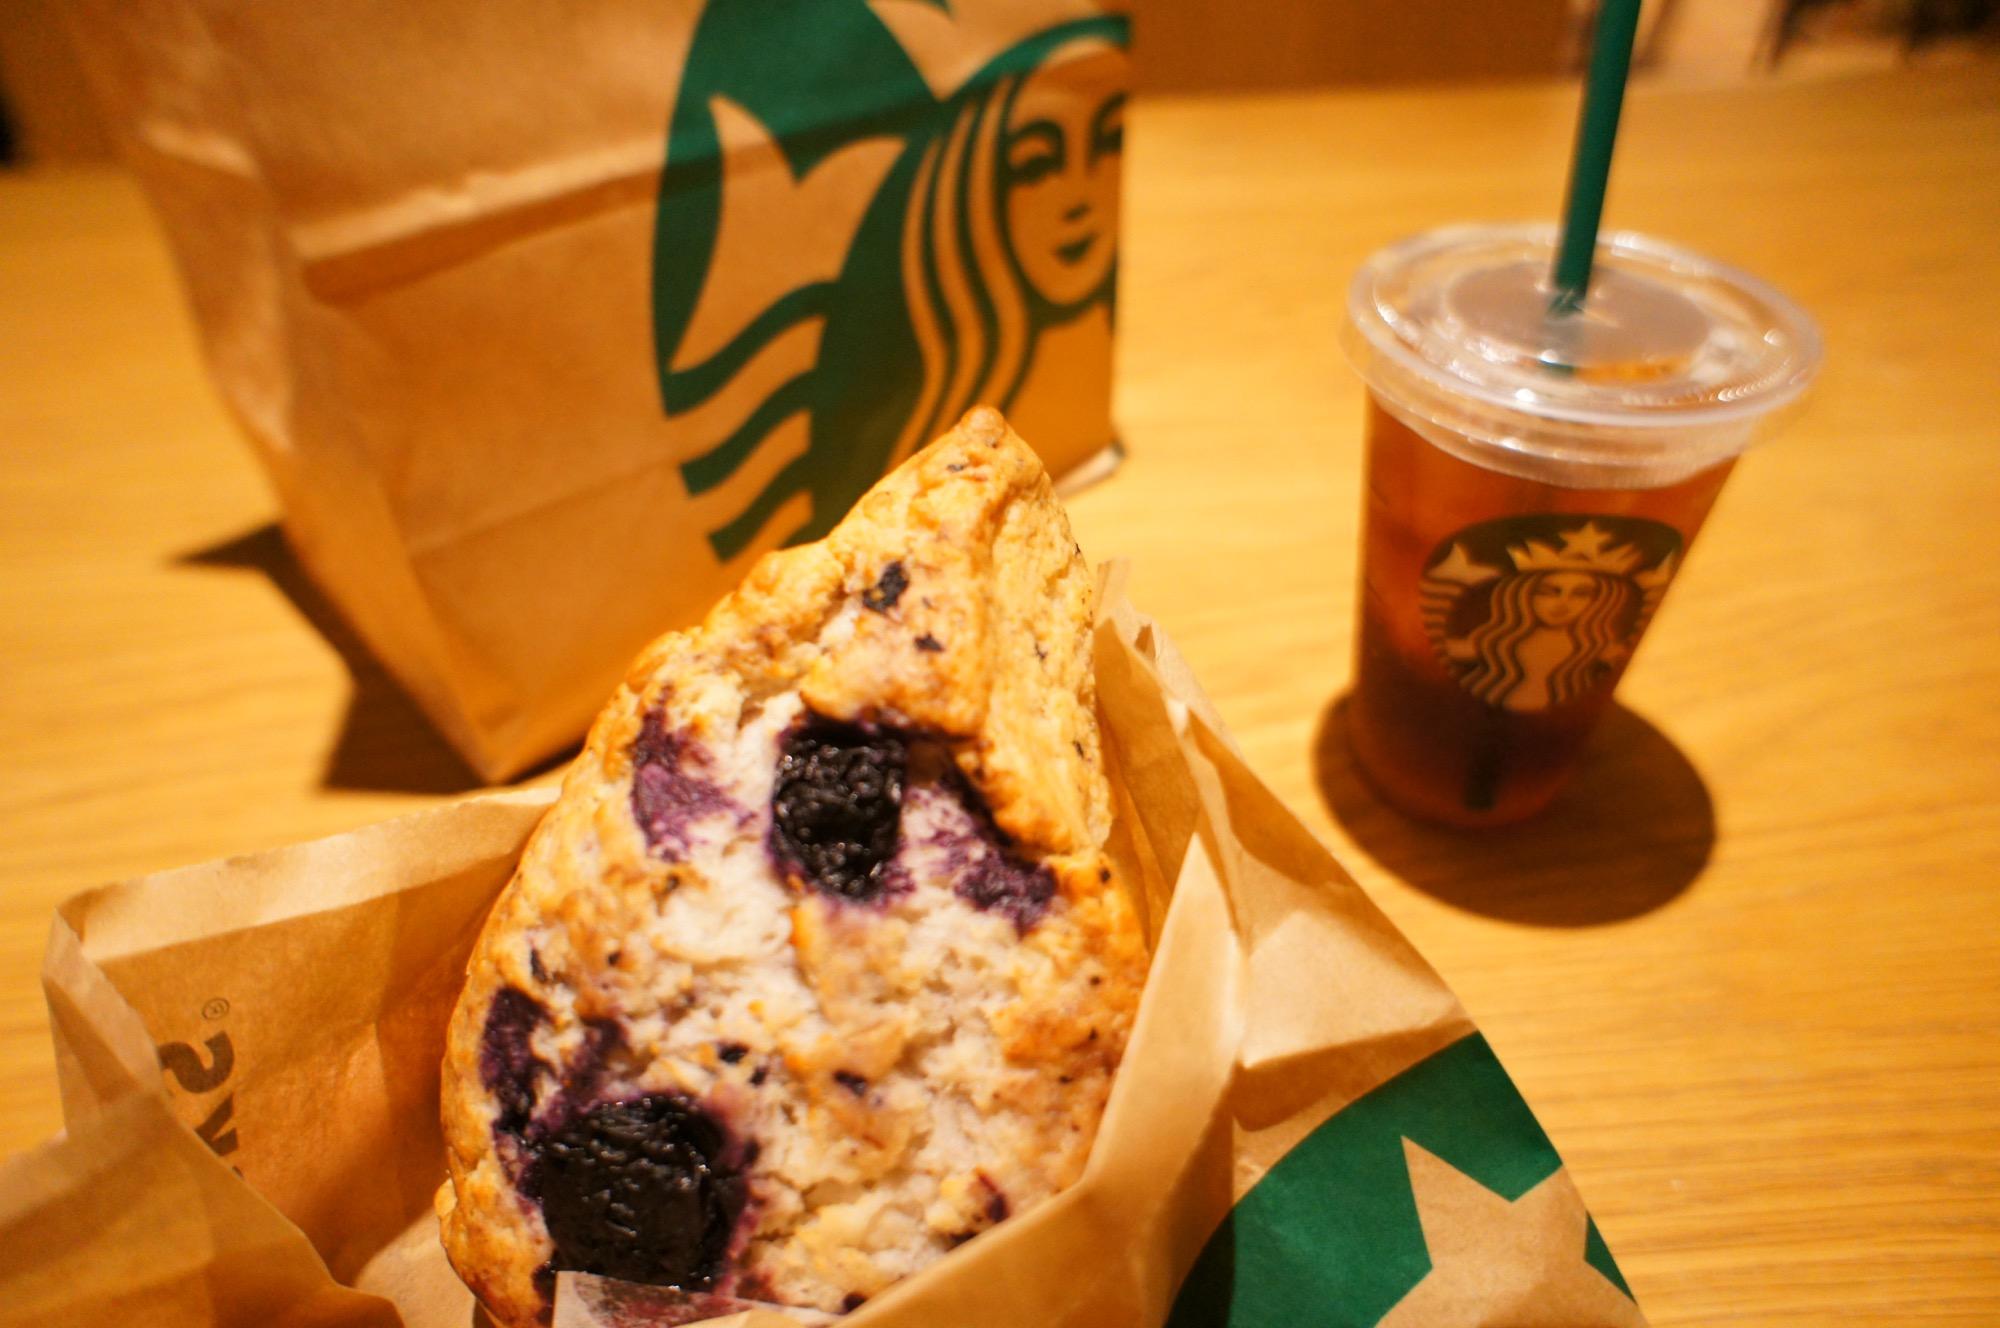 《レジ横foodに注目❤️》【スタバ】アメリカンスコーン ブルーベリーが美味しい☻!_1